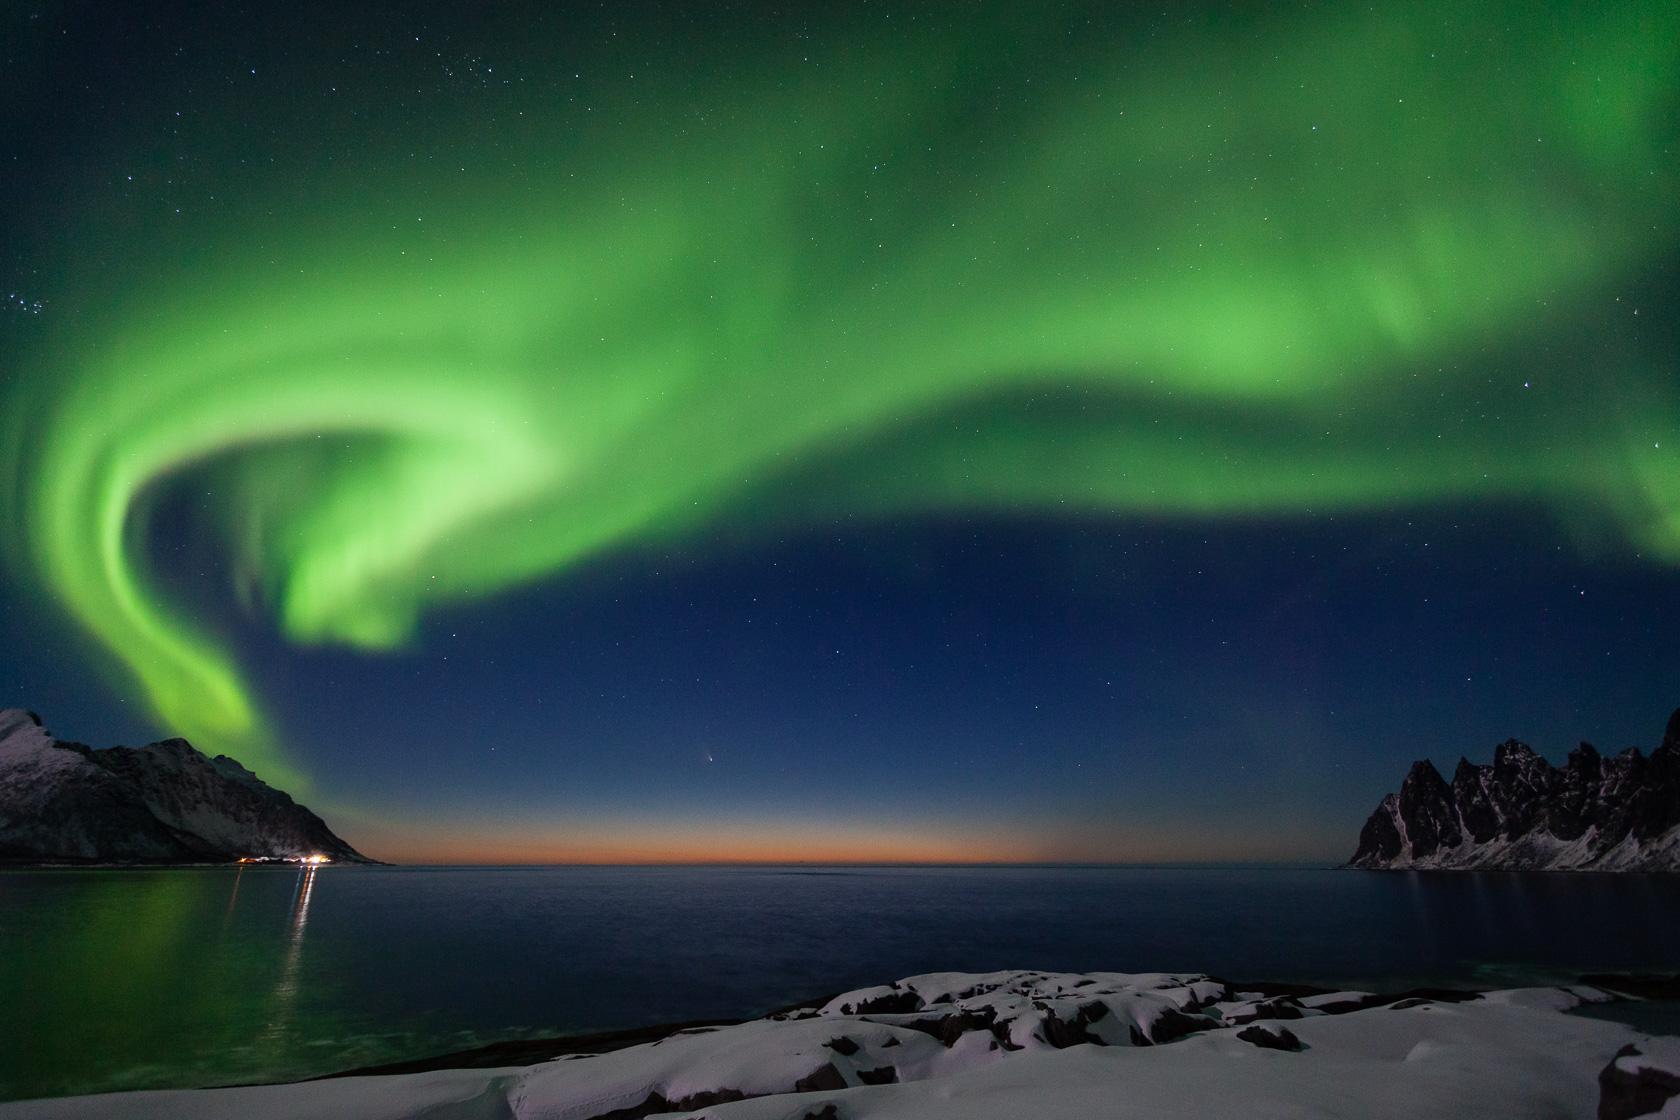 aurore boréale au crépuscule avec la comète Pan-Starr, depuis Tungeneset, à Senja en norvège